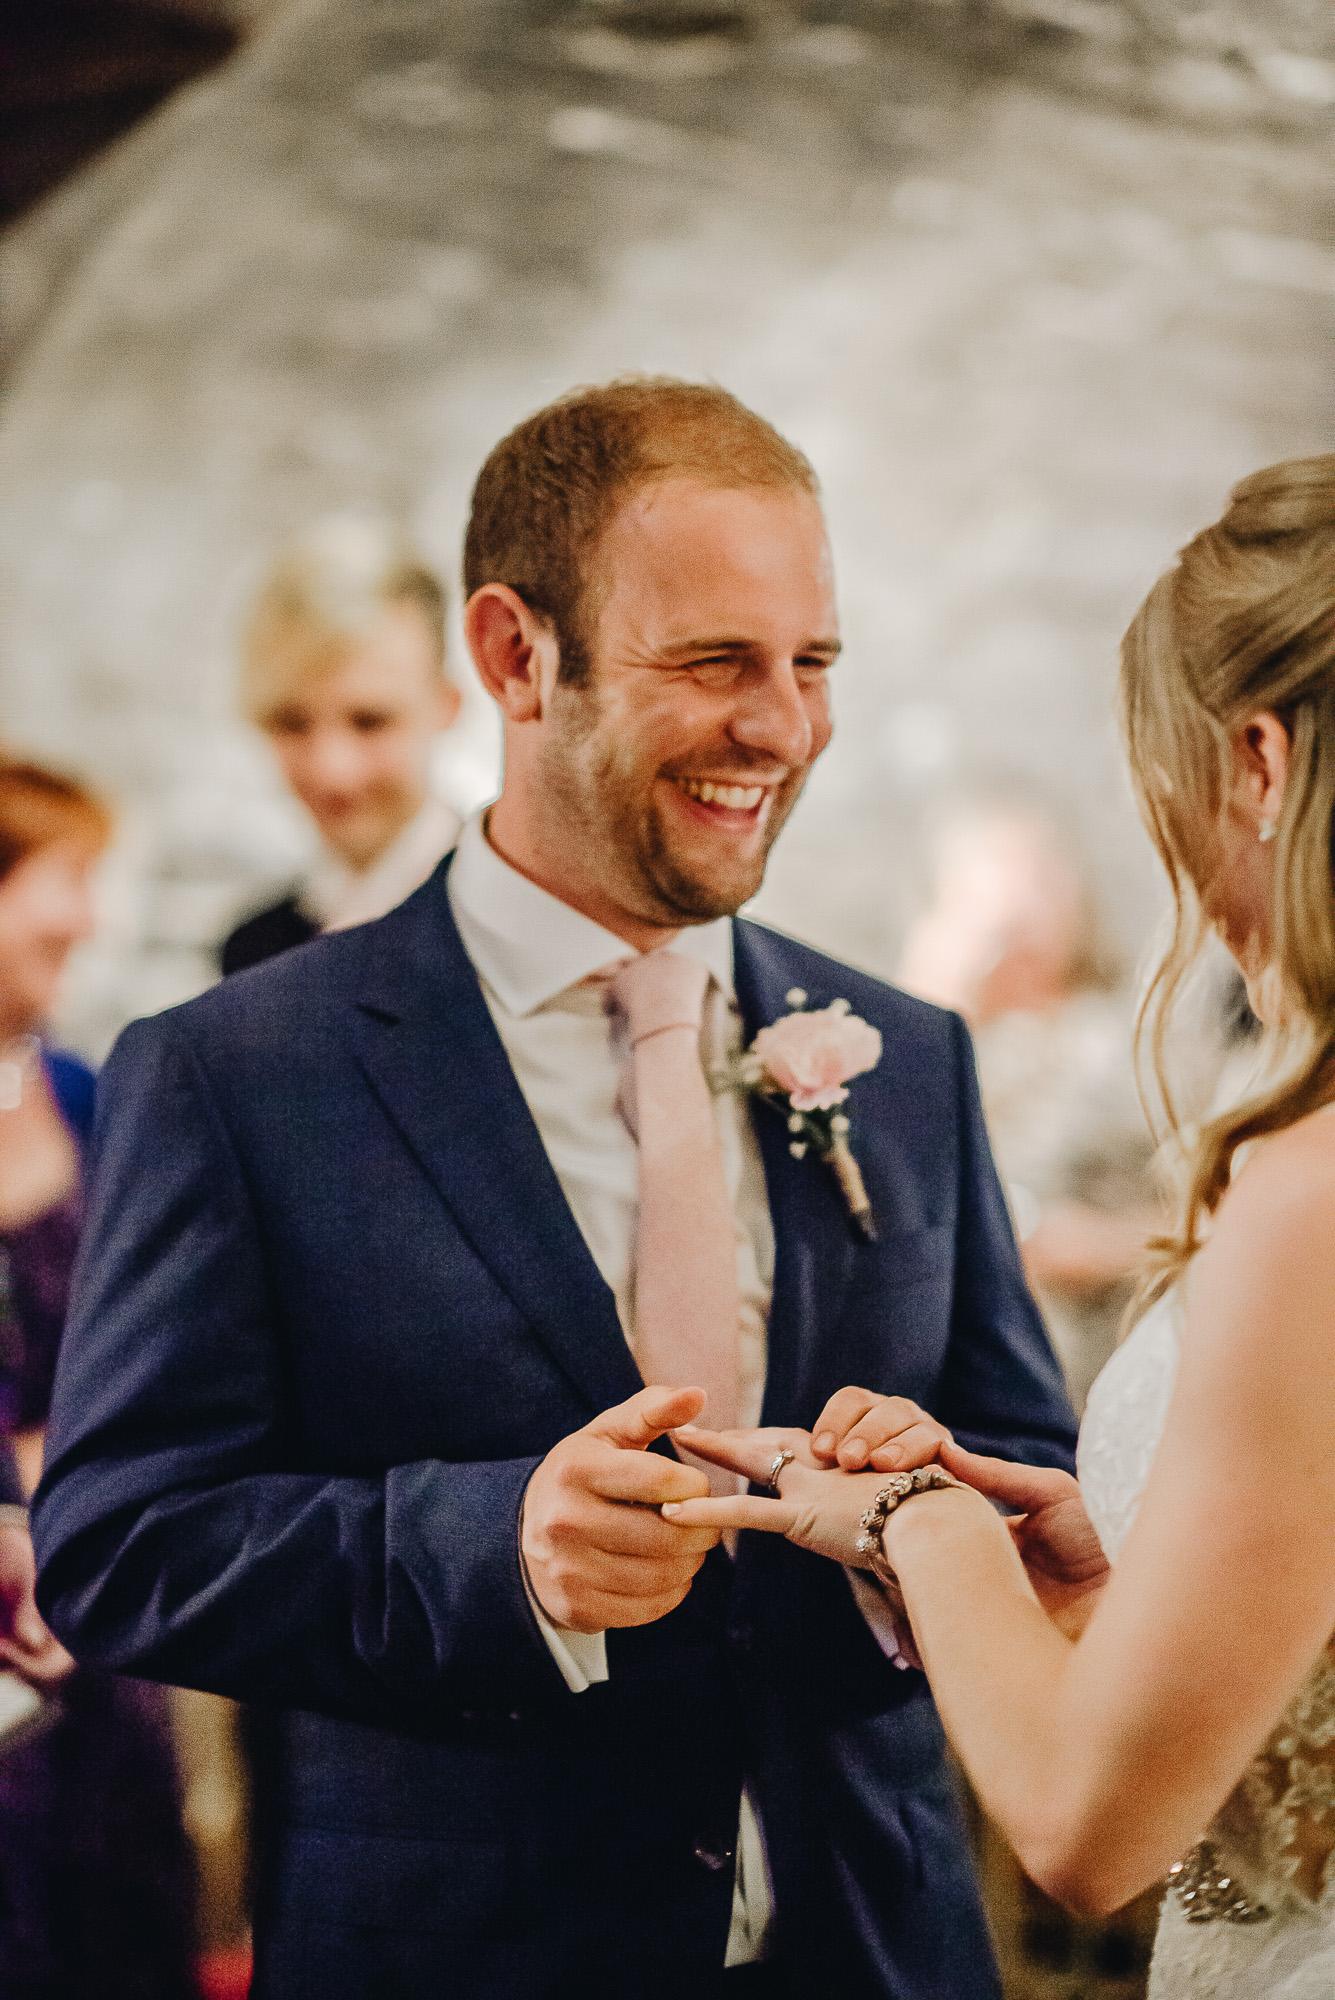 OurBeautifulAdventure-CardiffCastleWedding-Maddie&Joe-WeddingBlog-9880.jpg